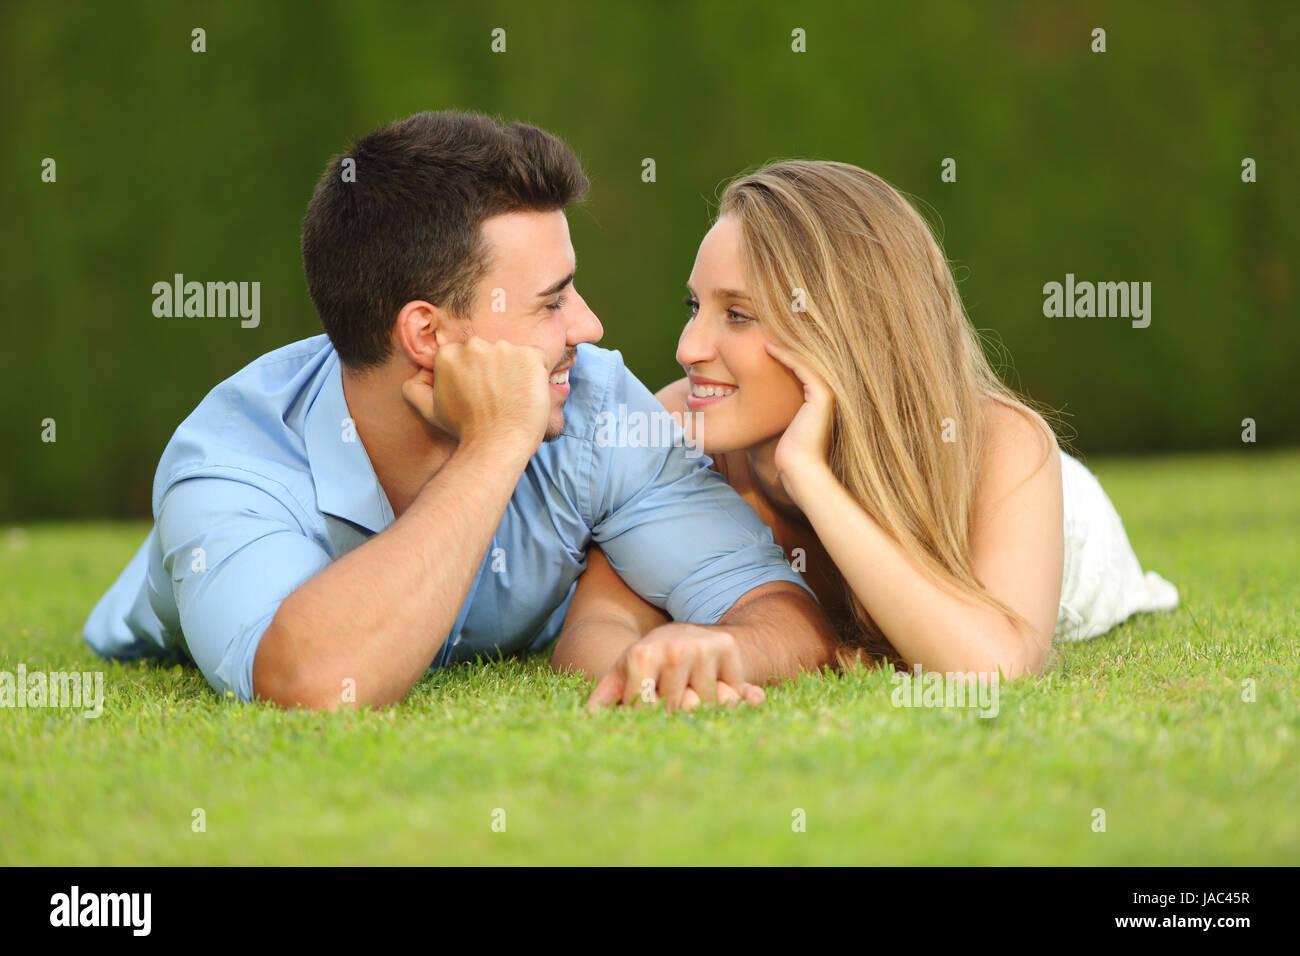 Faq dating